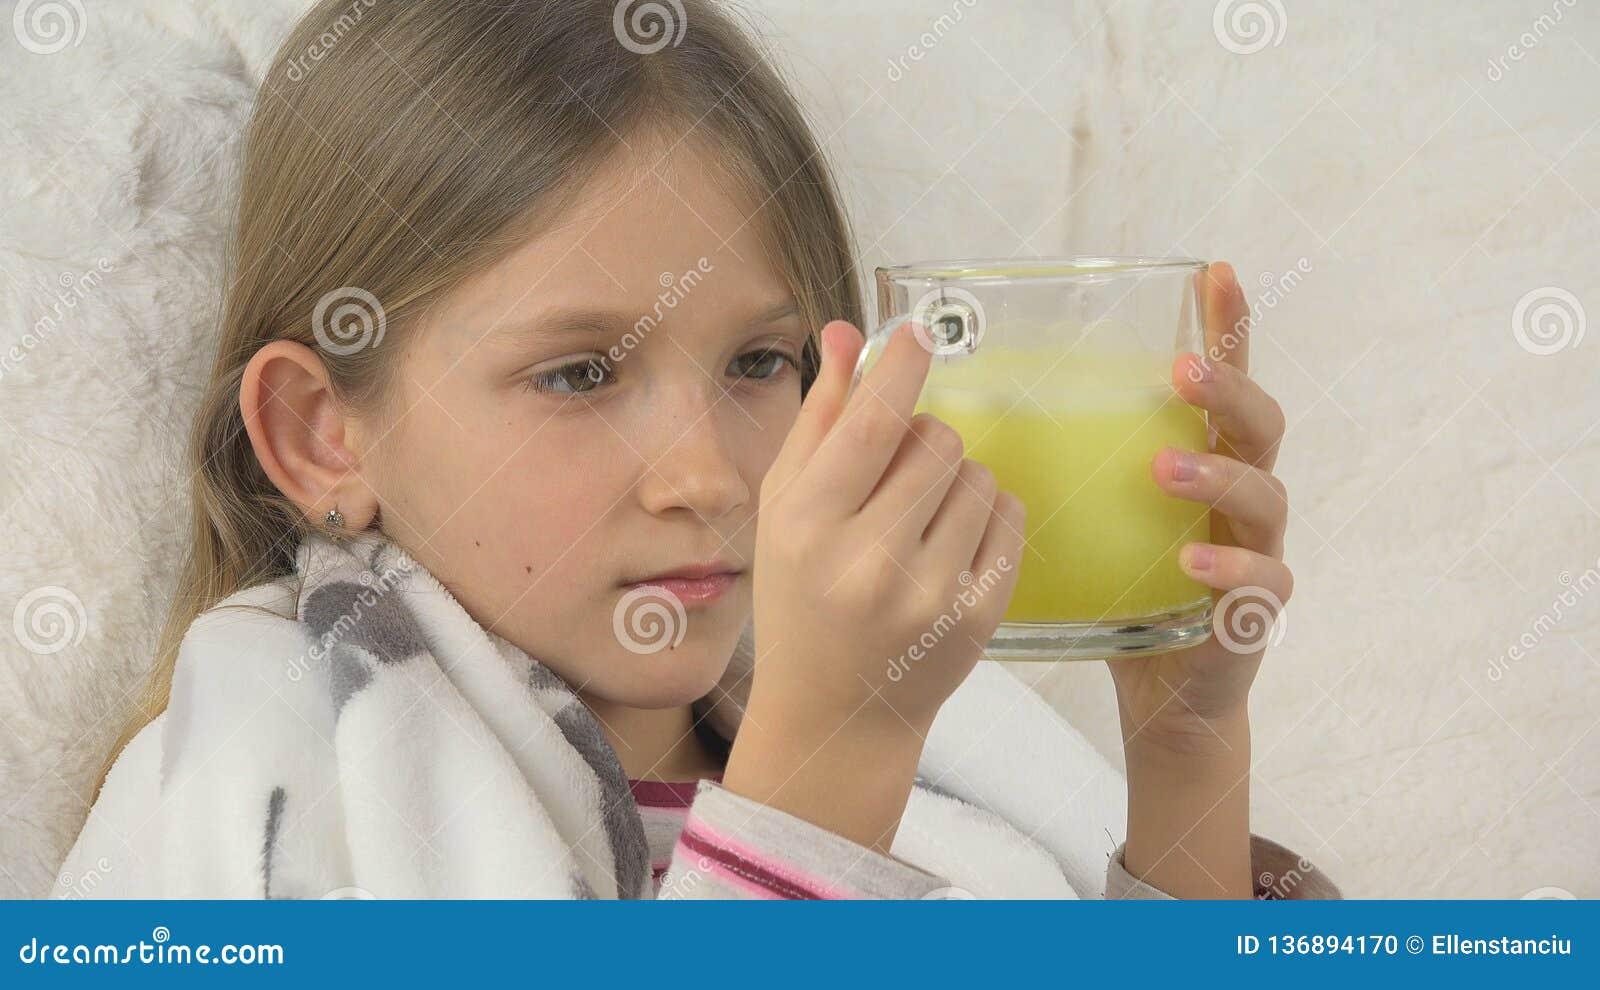 Drogas bebendo da cara doente da criança, menina doente triste, retrato da criança com medicamento, sofá